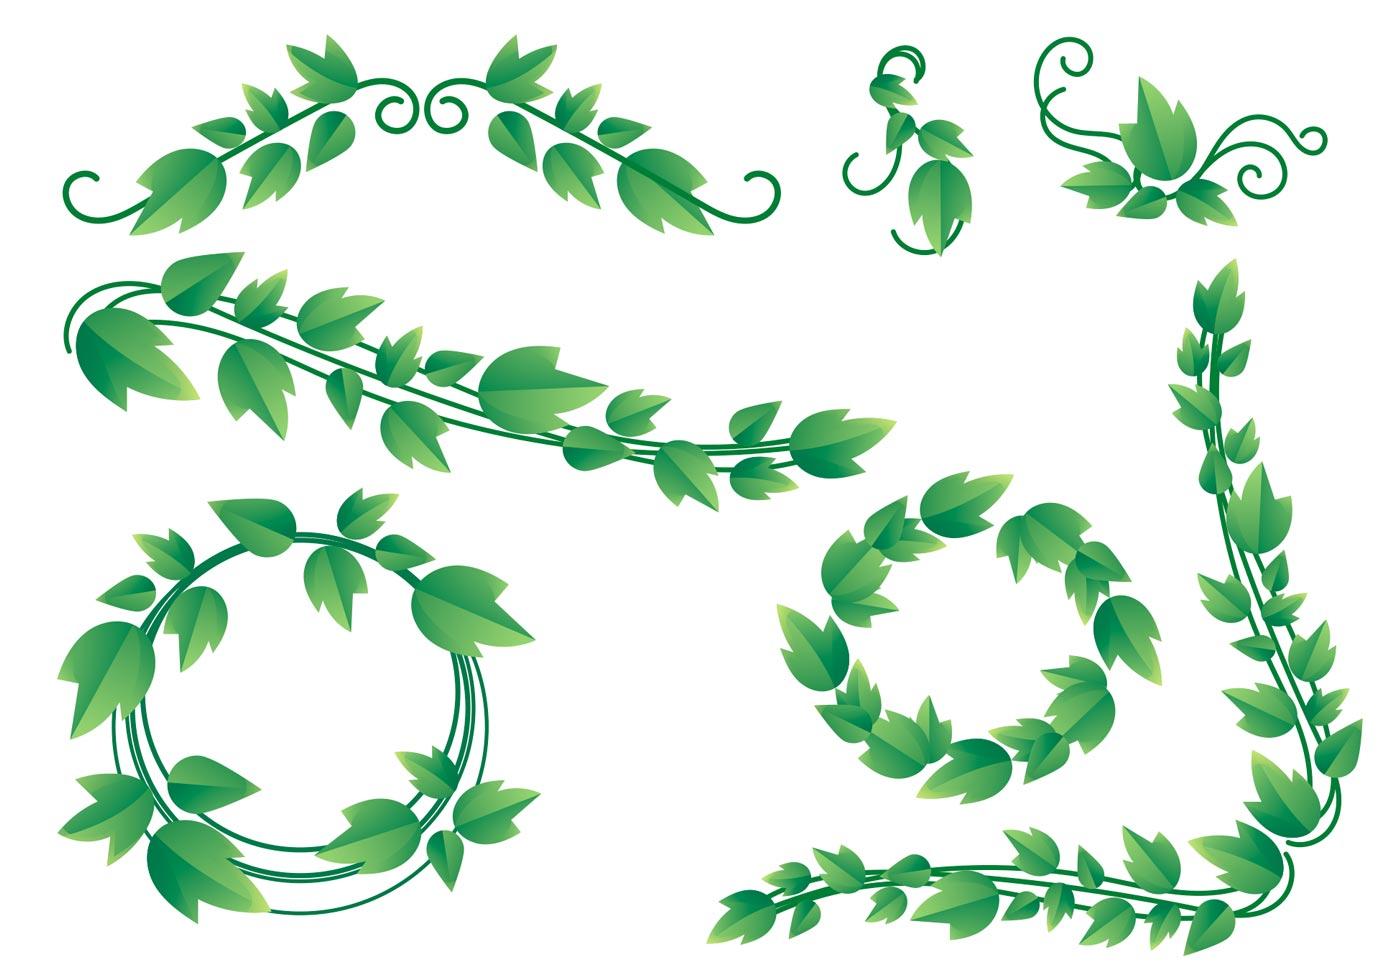 Vine Leaves Free Vector Art.